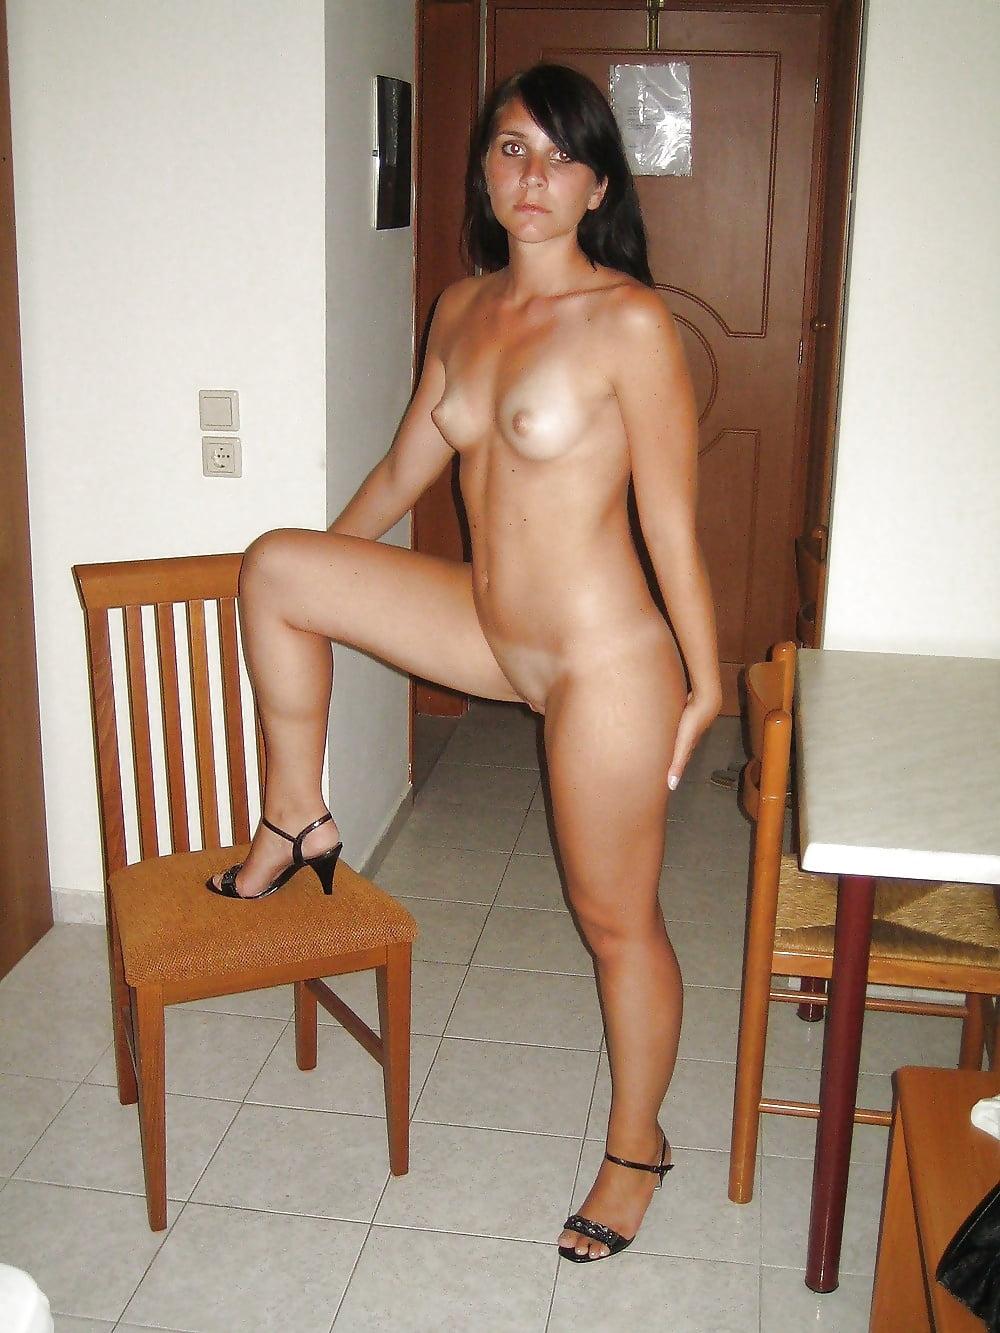 Italian Girls Models Naked